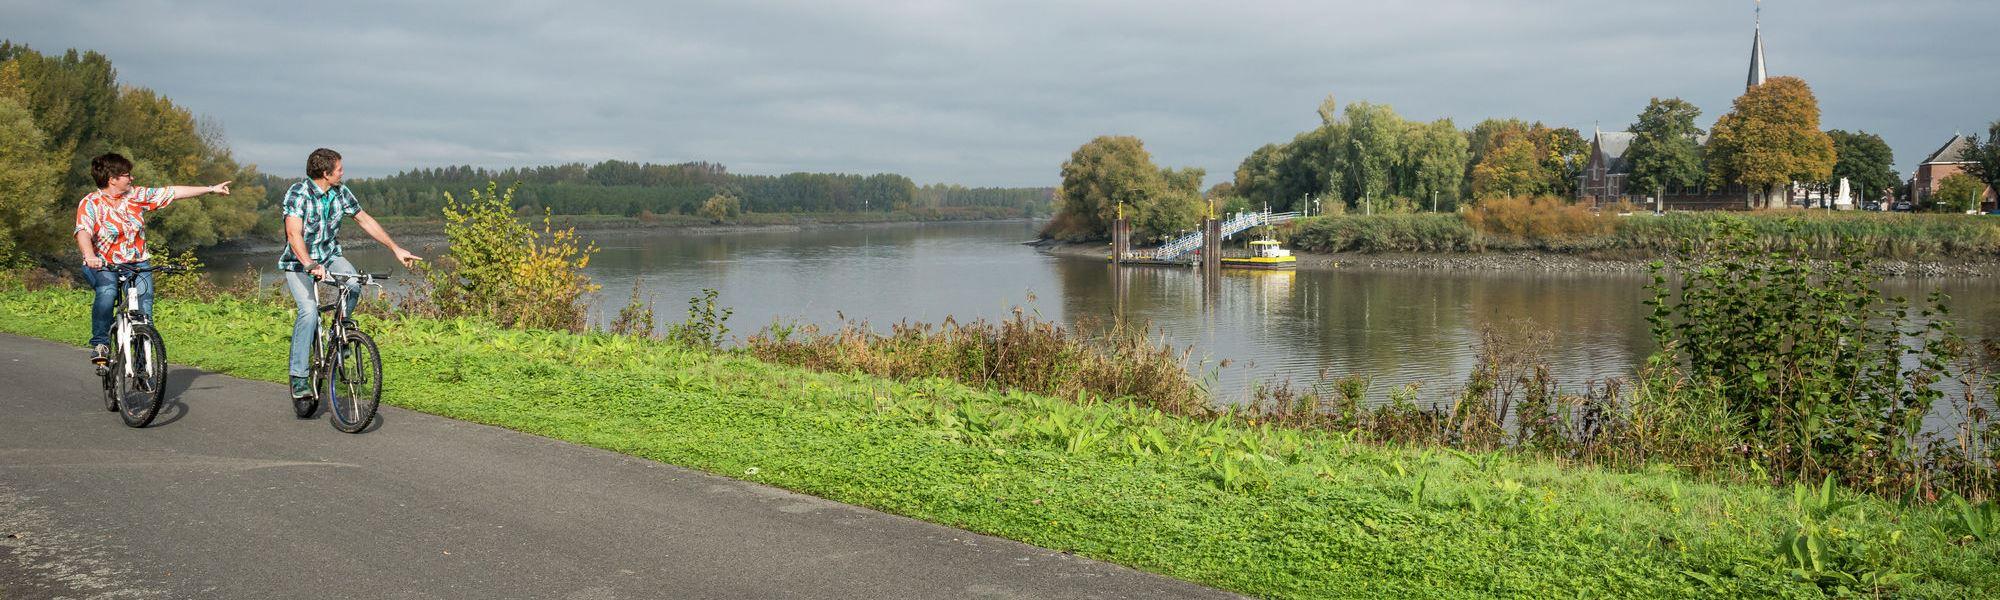 Gidsenopleiding Scheldeland-Oost – Gewijzigde voorwaarden